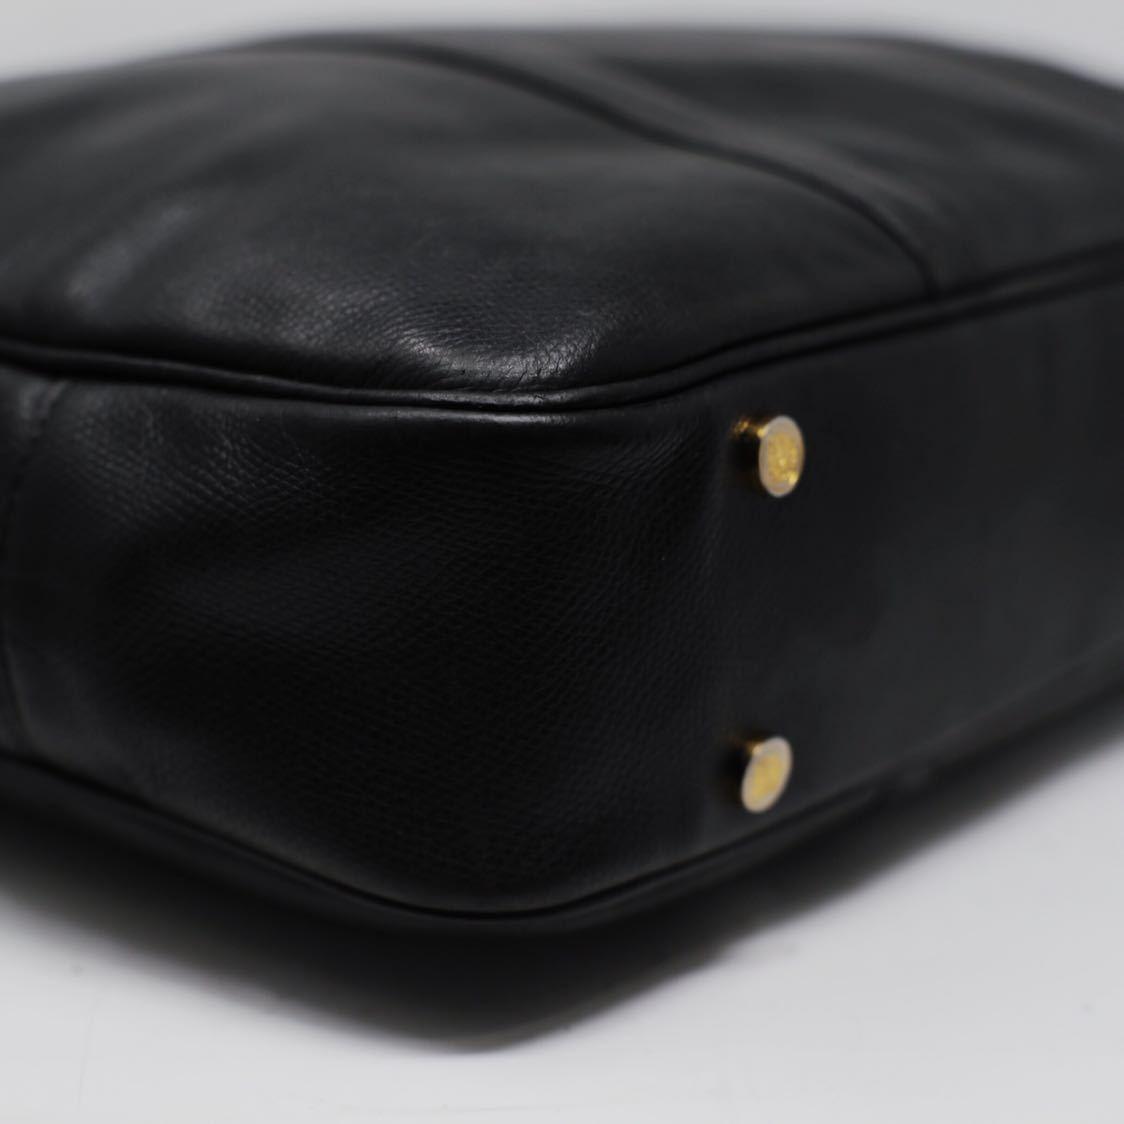 極美品 美品 A4収納 PC収納 LOEWE ロエベ ビジネスバッグ ブリーフケース 25万 メンズ カーフ レザー本革 黒 ブラック バッグ ビンテージ_画像7